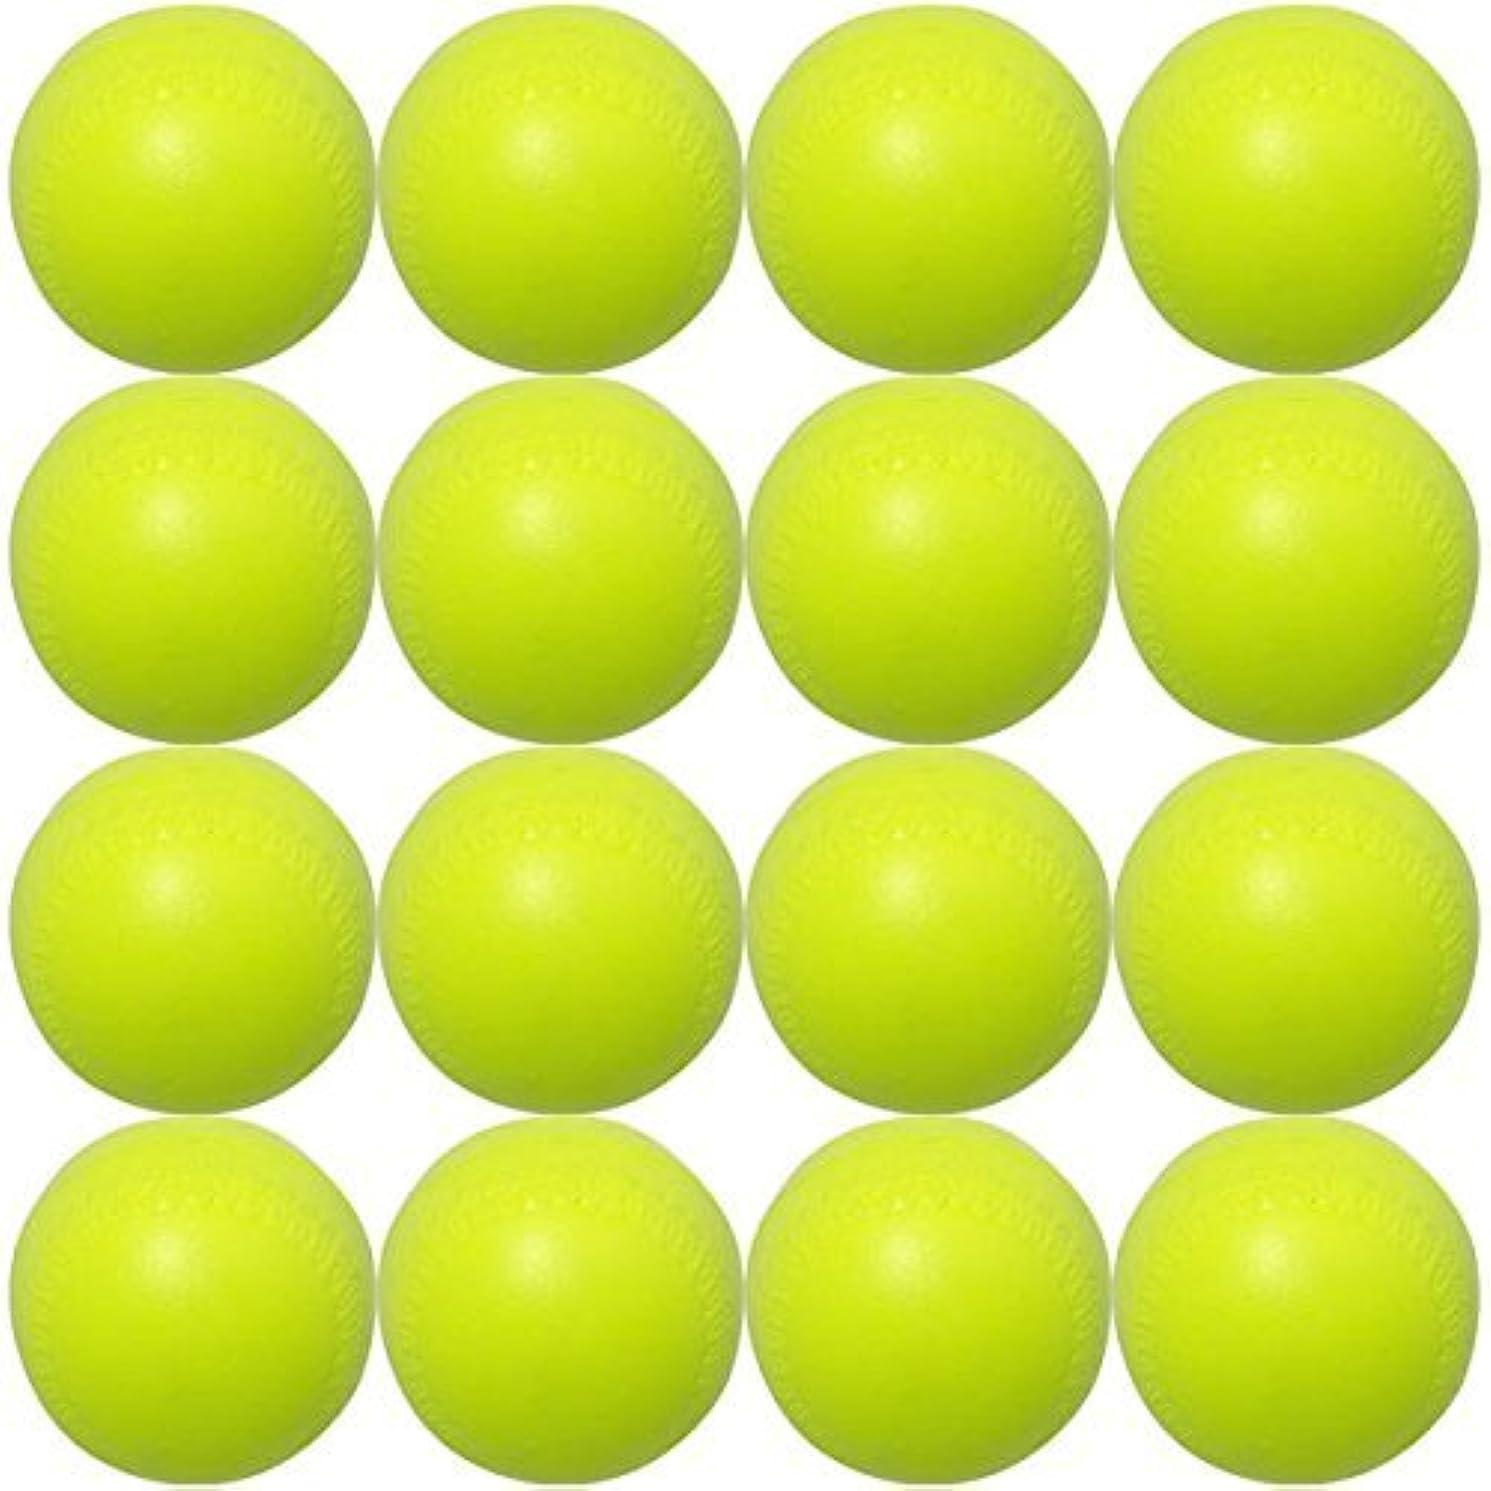 スチュワーデスクリアカラスLINDSPORTS ウレタン練習ボール (大(16球セット))